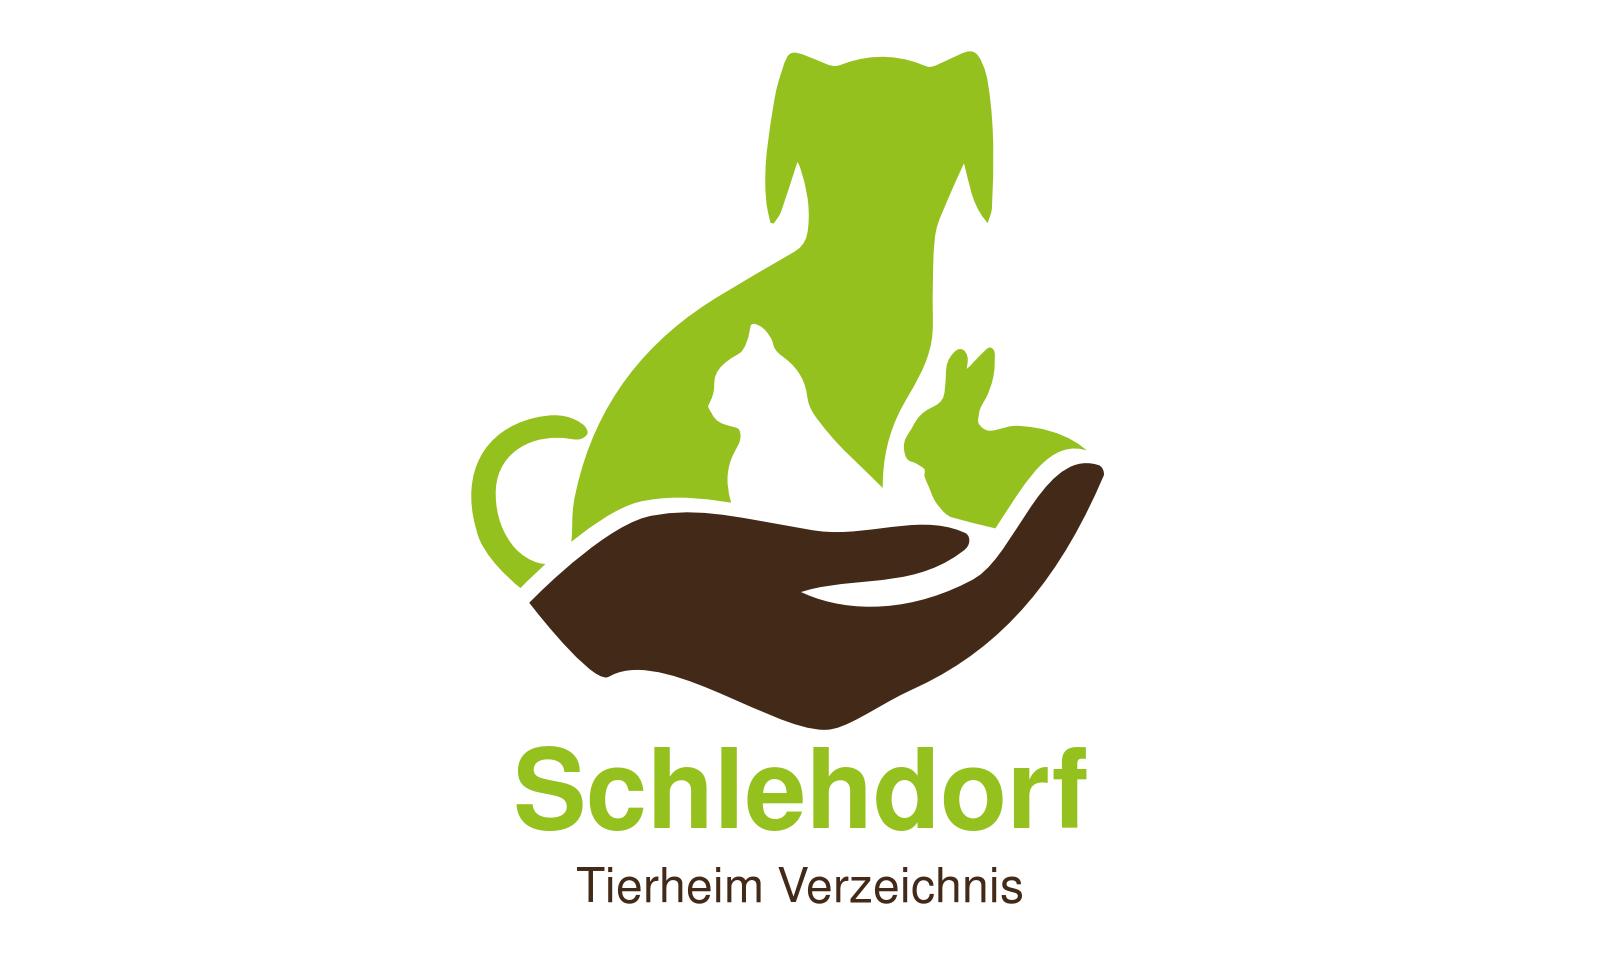 Tierheim Schlehdorf